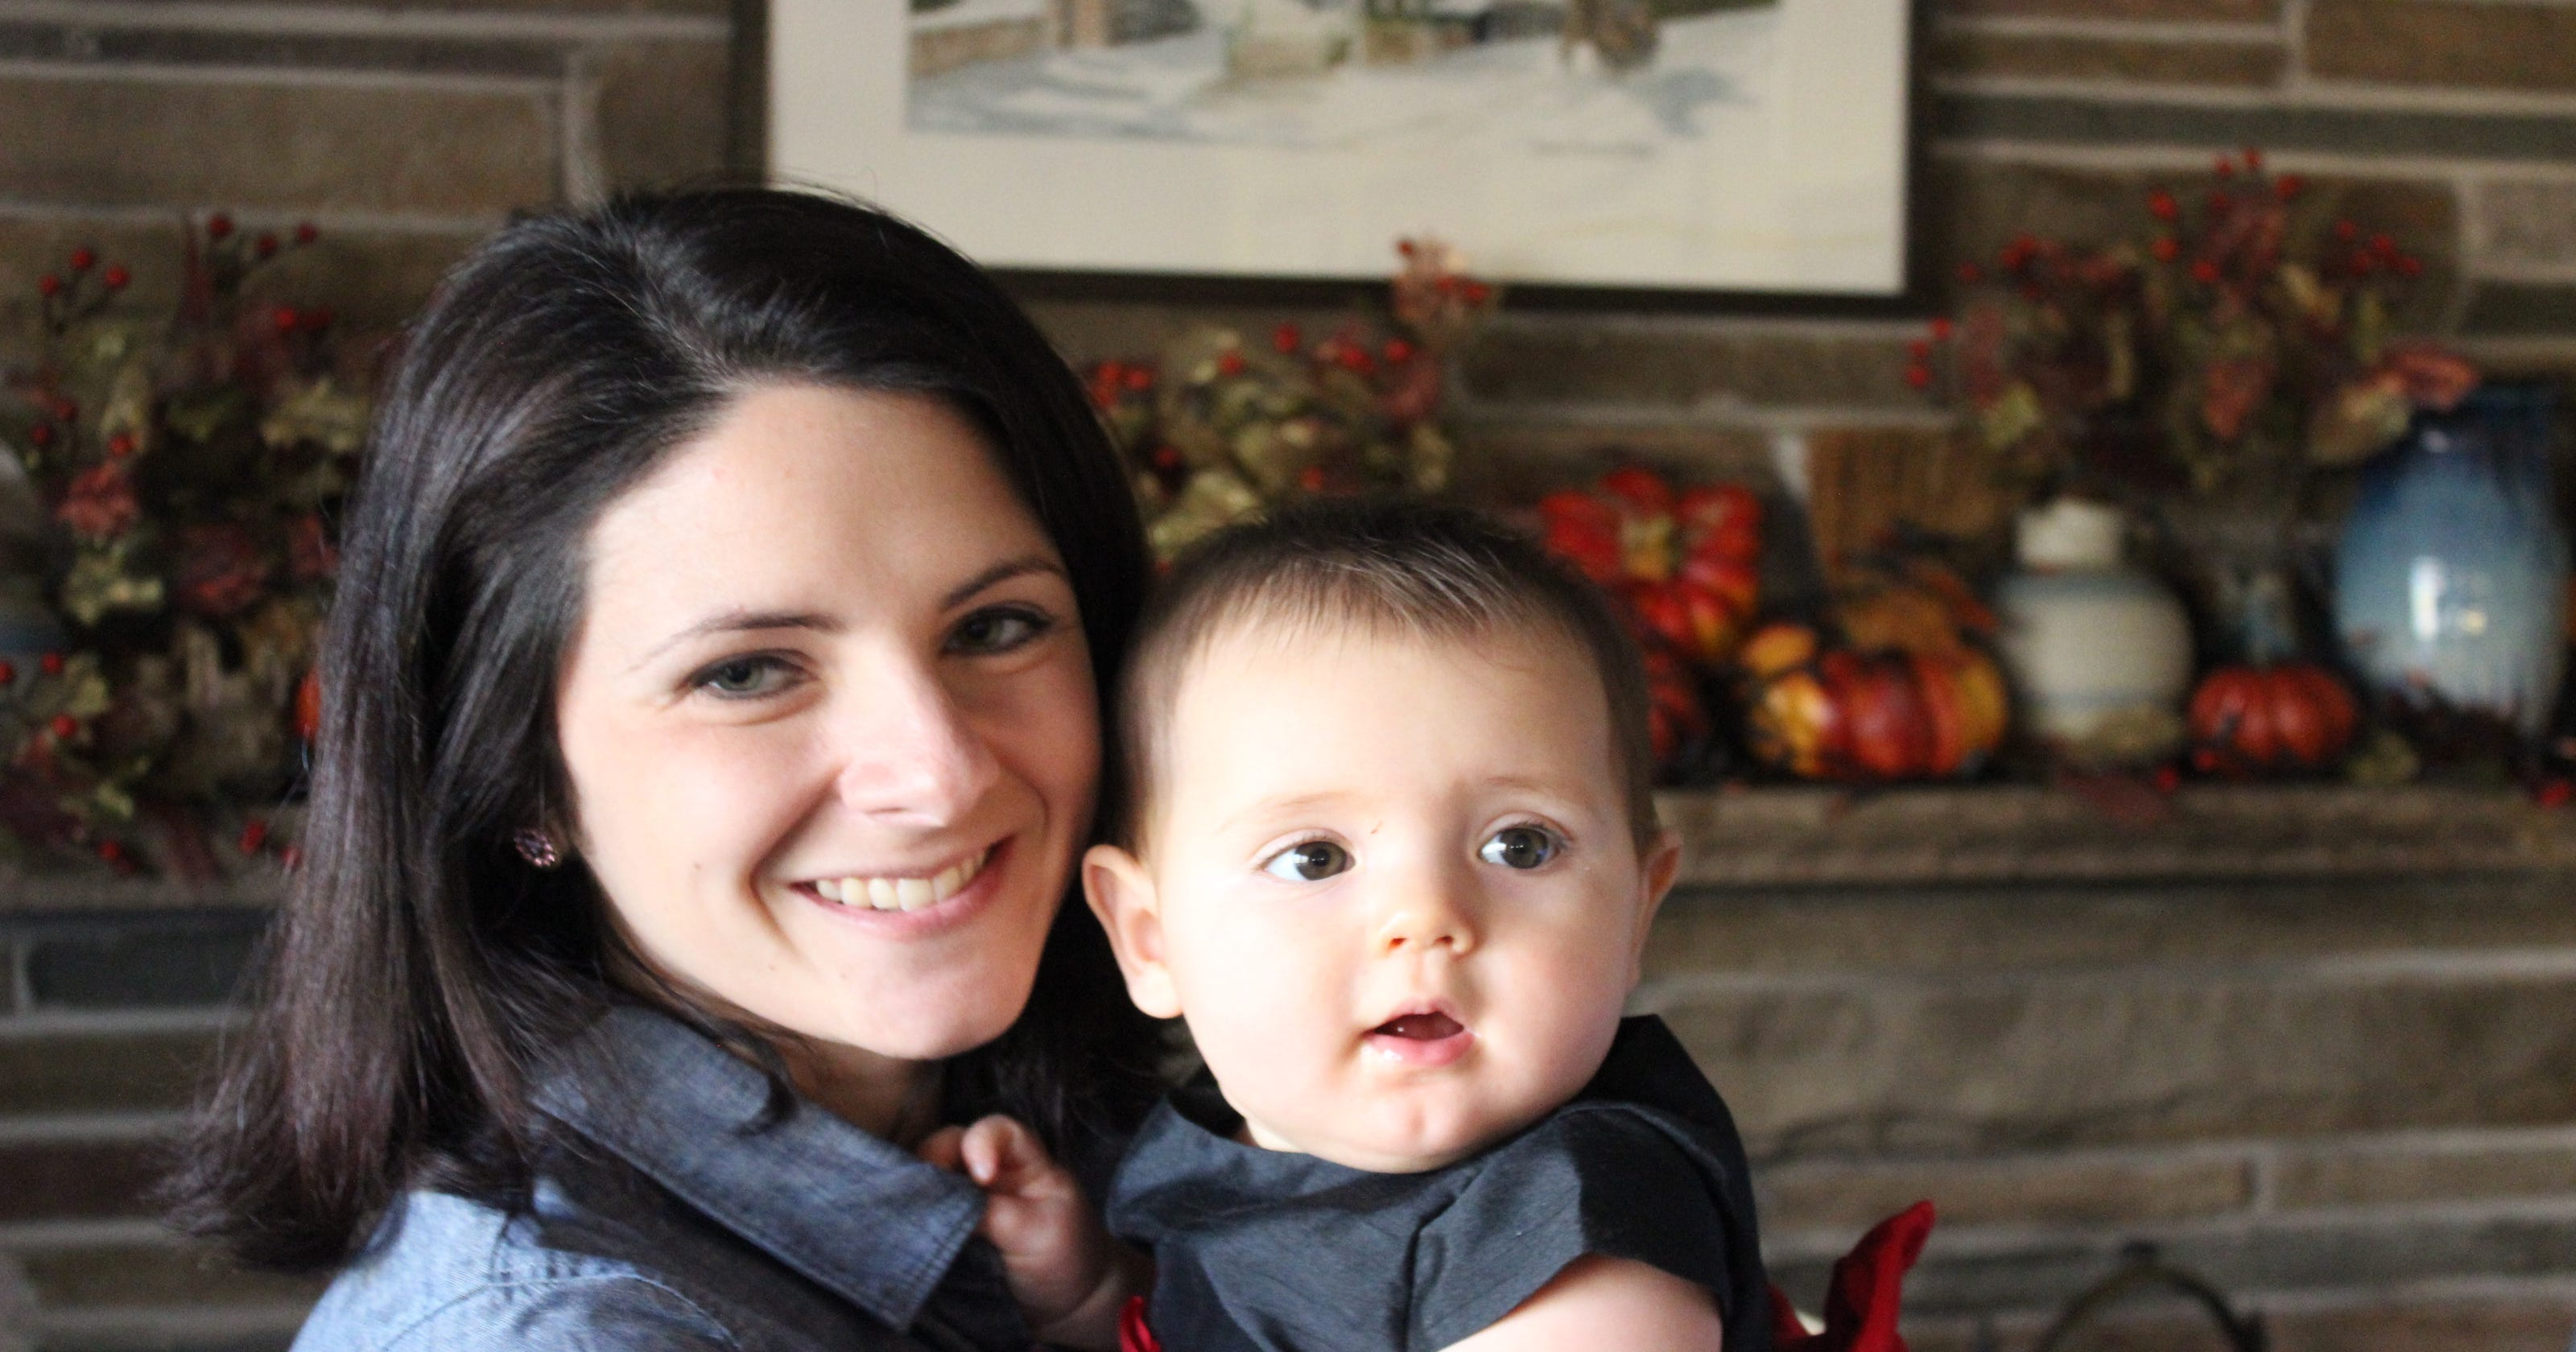 Verona's Megan Villanella: Six quotes